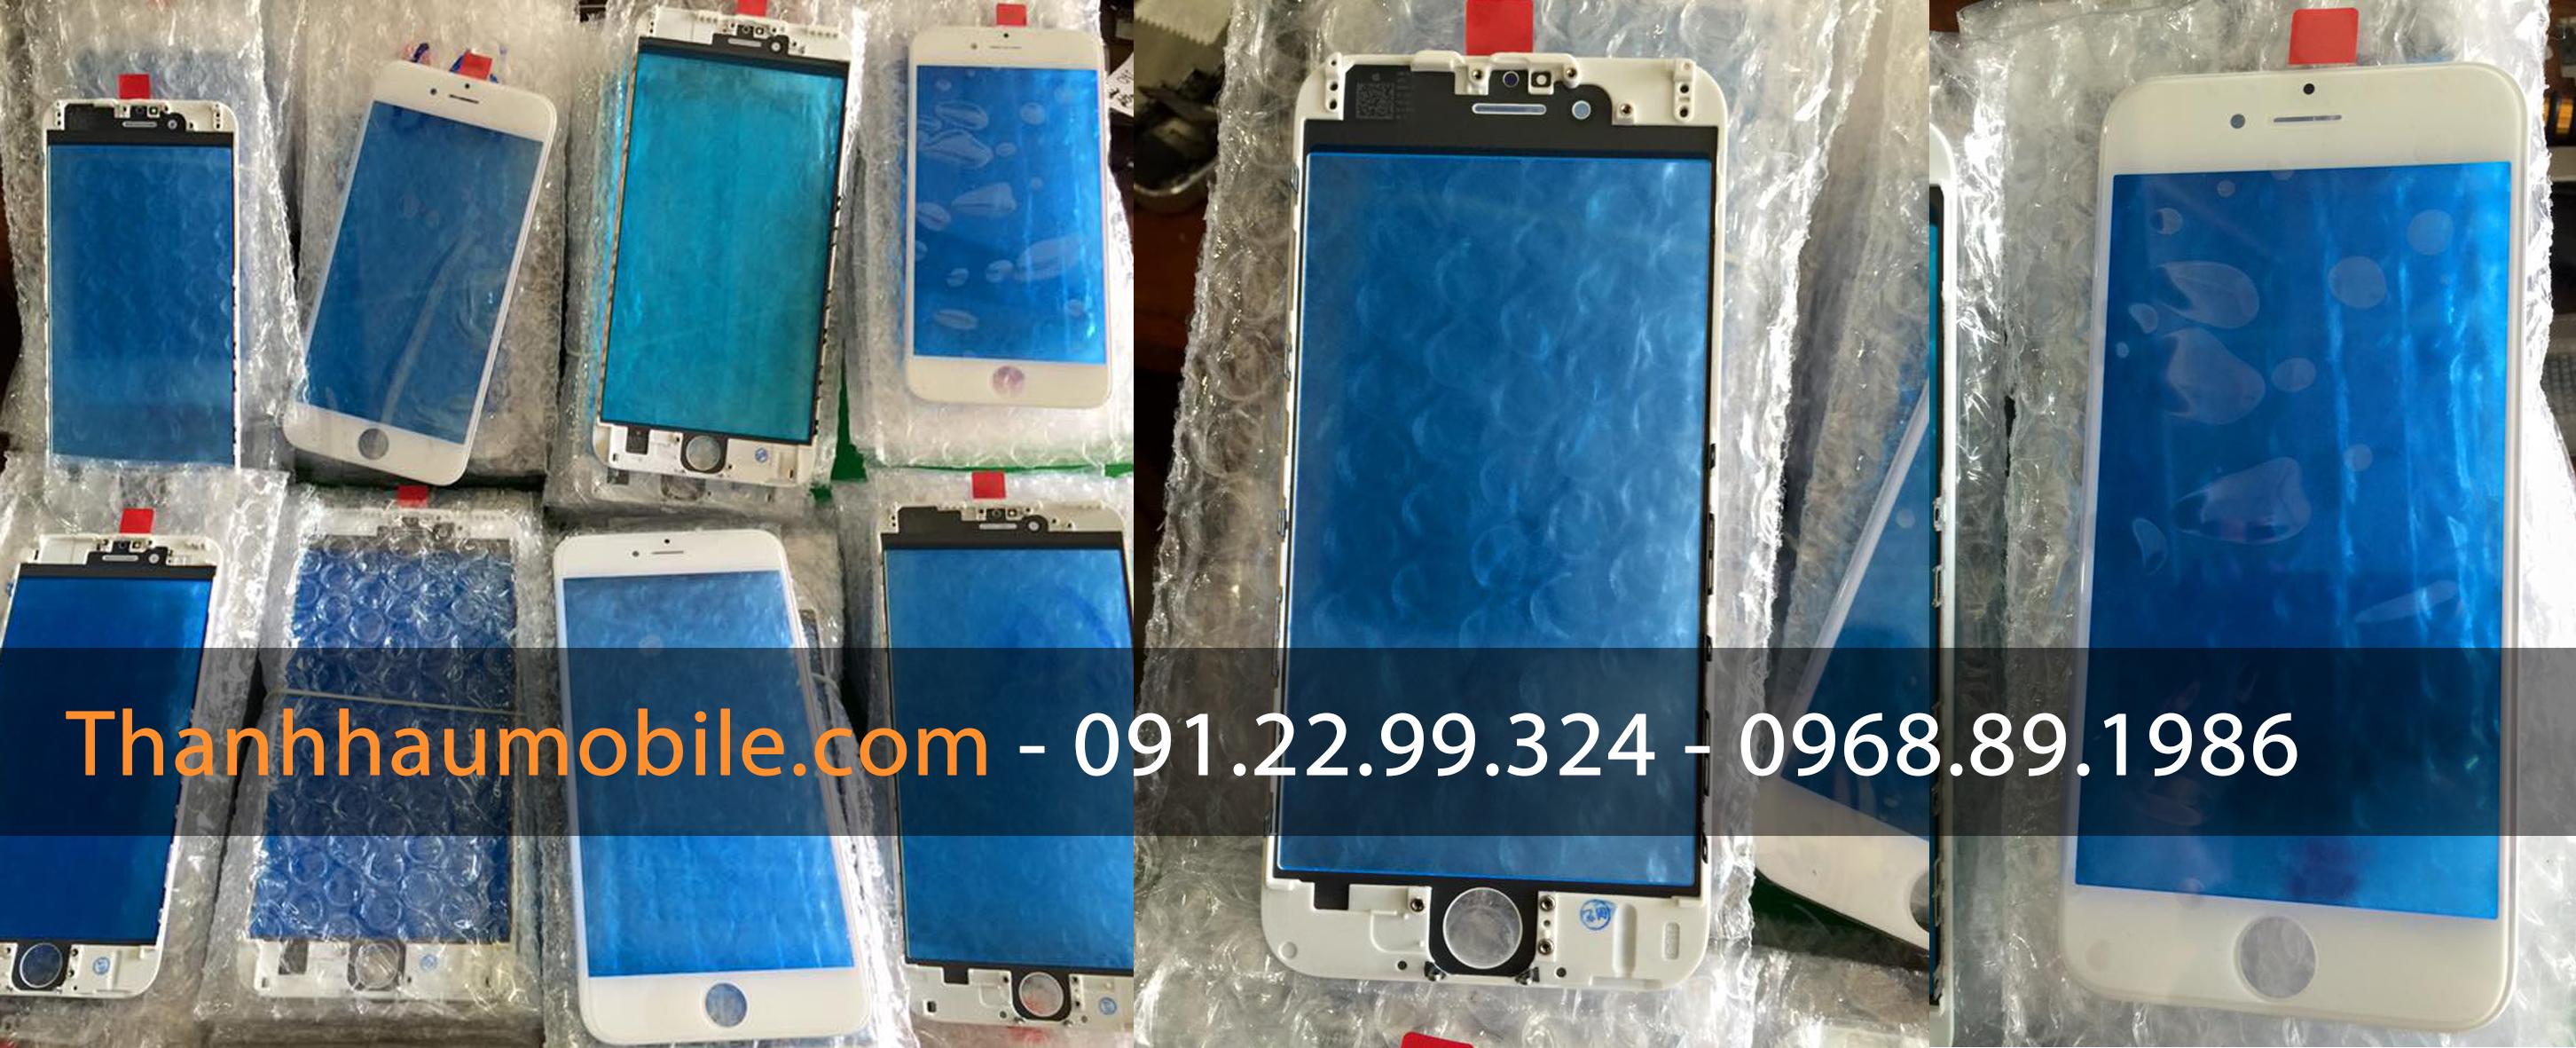 Thay mặt kính iphone 6 giá bao nhiêu | giá thay mặt kính iphone 6 [HN]